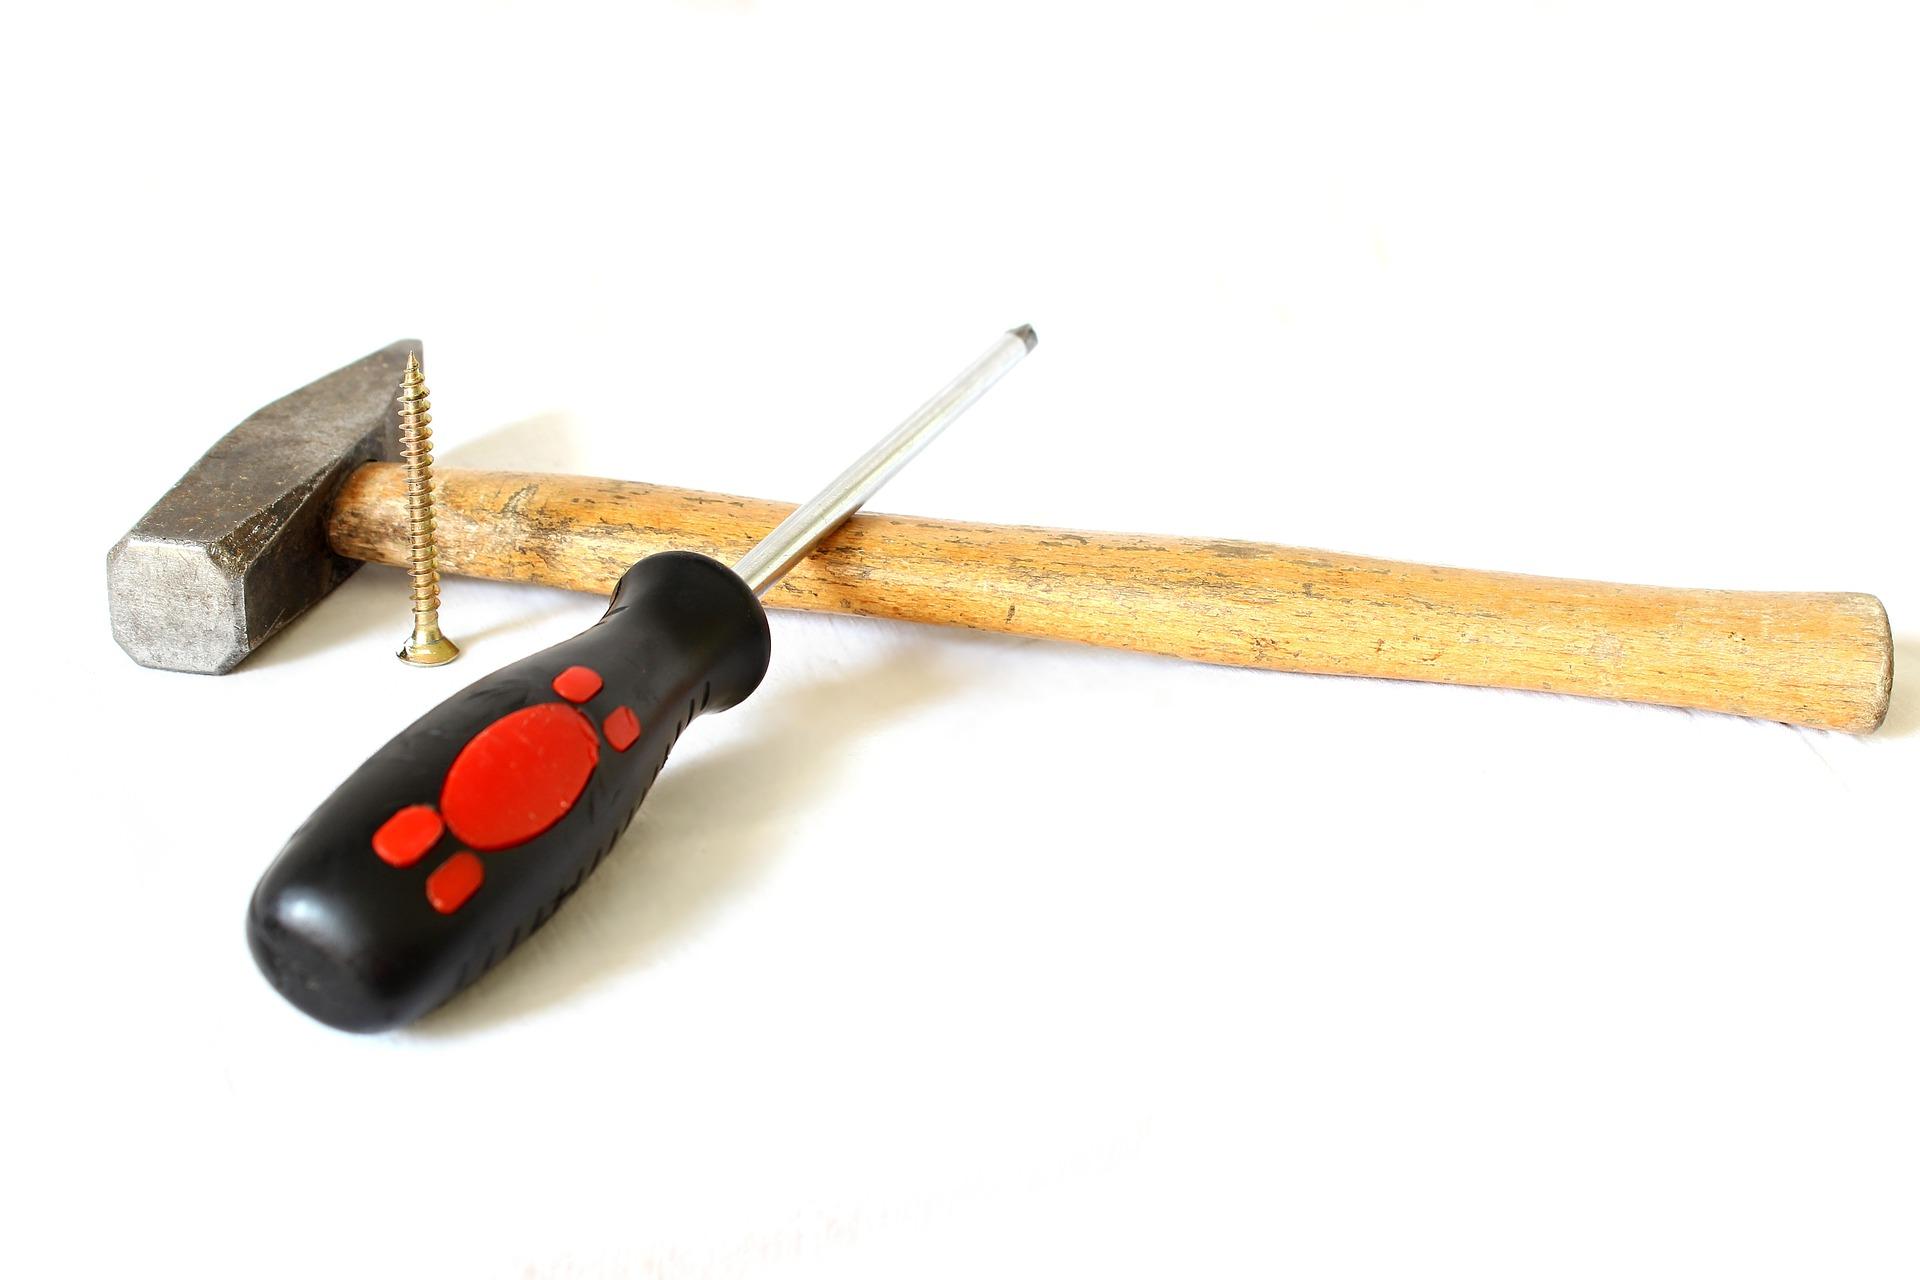 screwdriver-1008974_1920